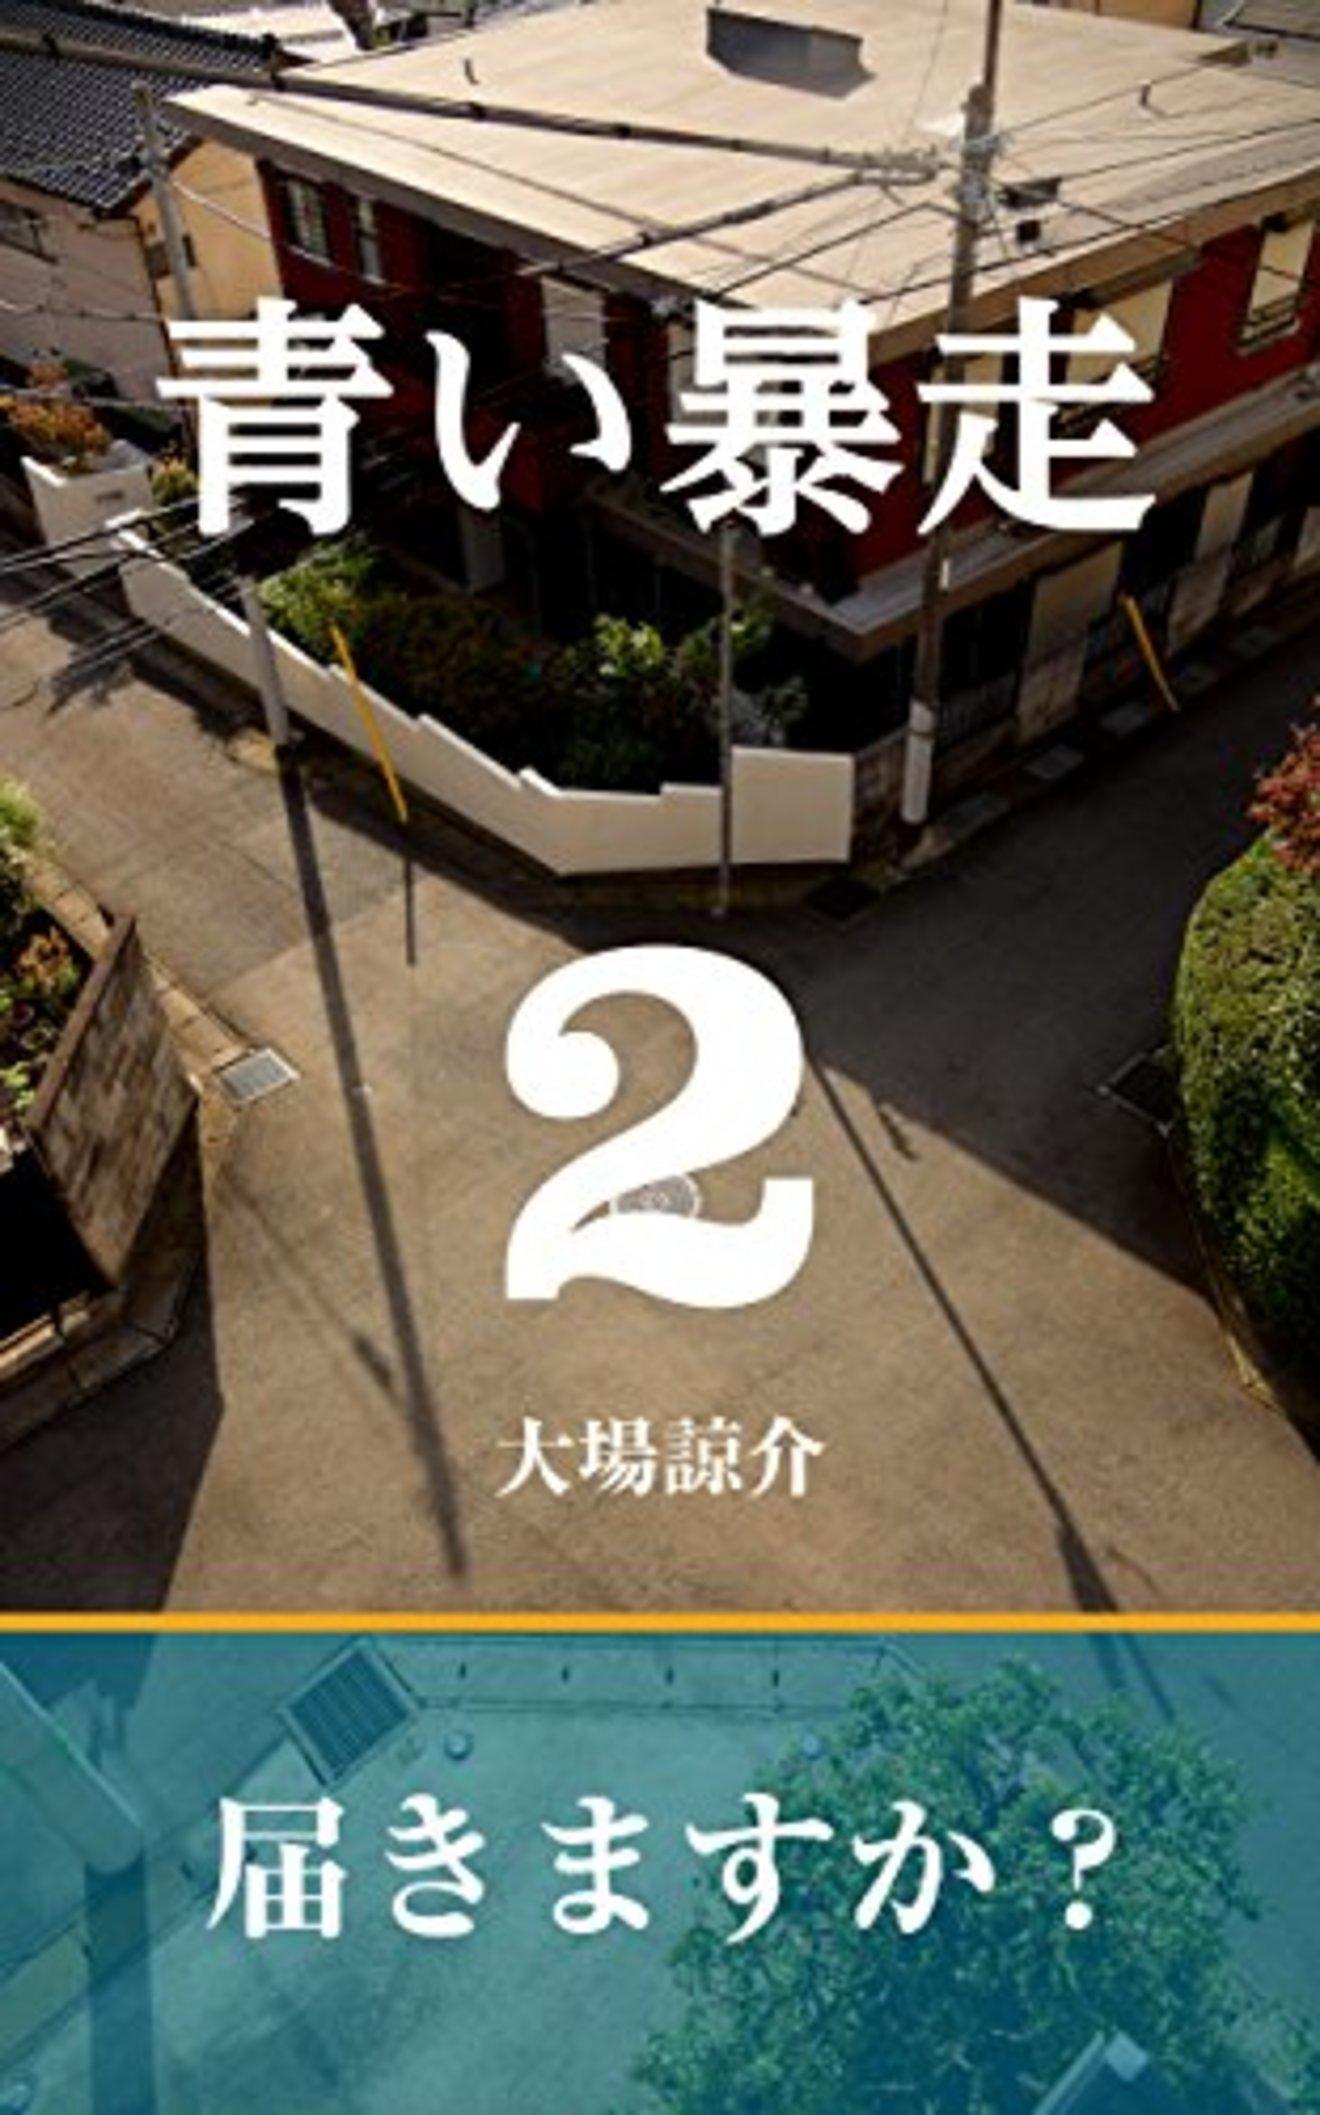 【連載小説】「CROSS ROAD」第1話【毎週土曜更新】